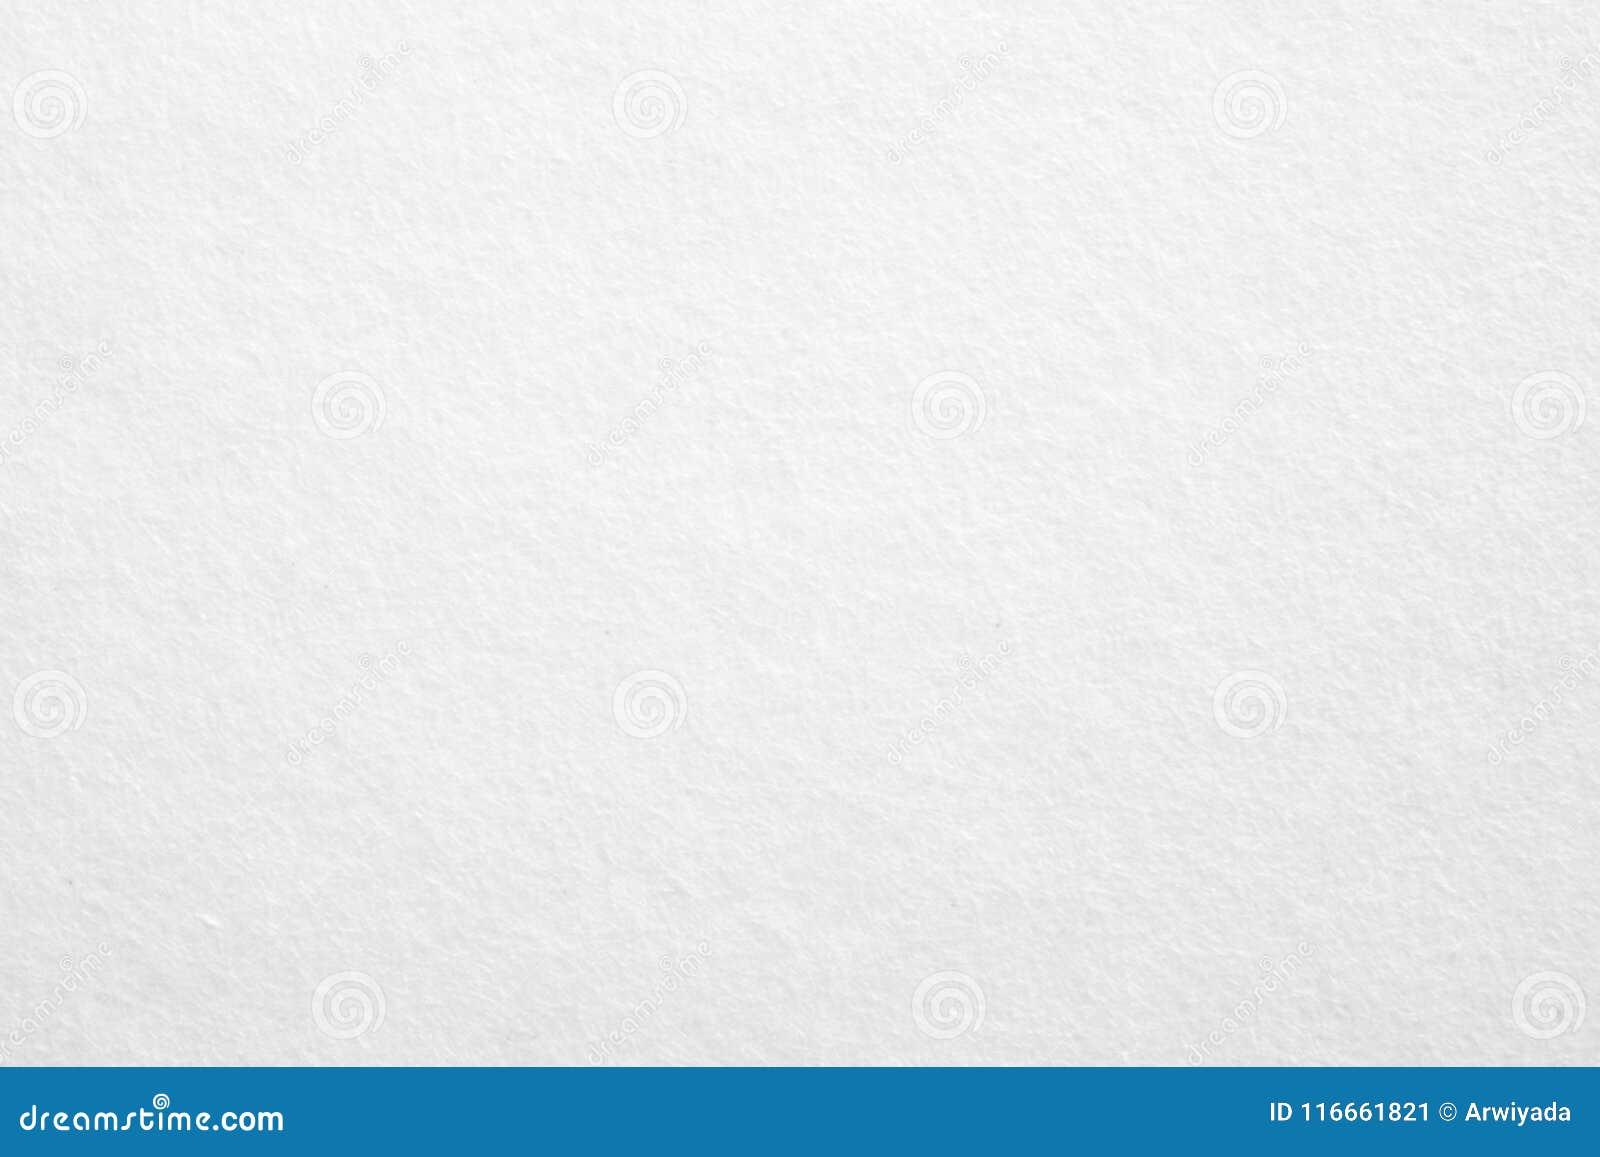 Wit van de achtergrond muurtextuur grijs document kaartlicht oud met kuuroord